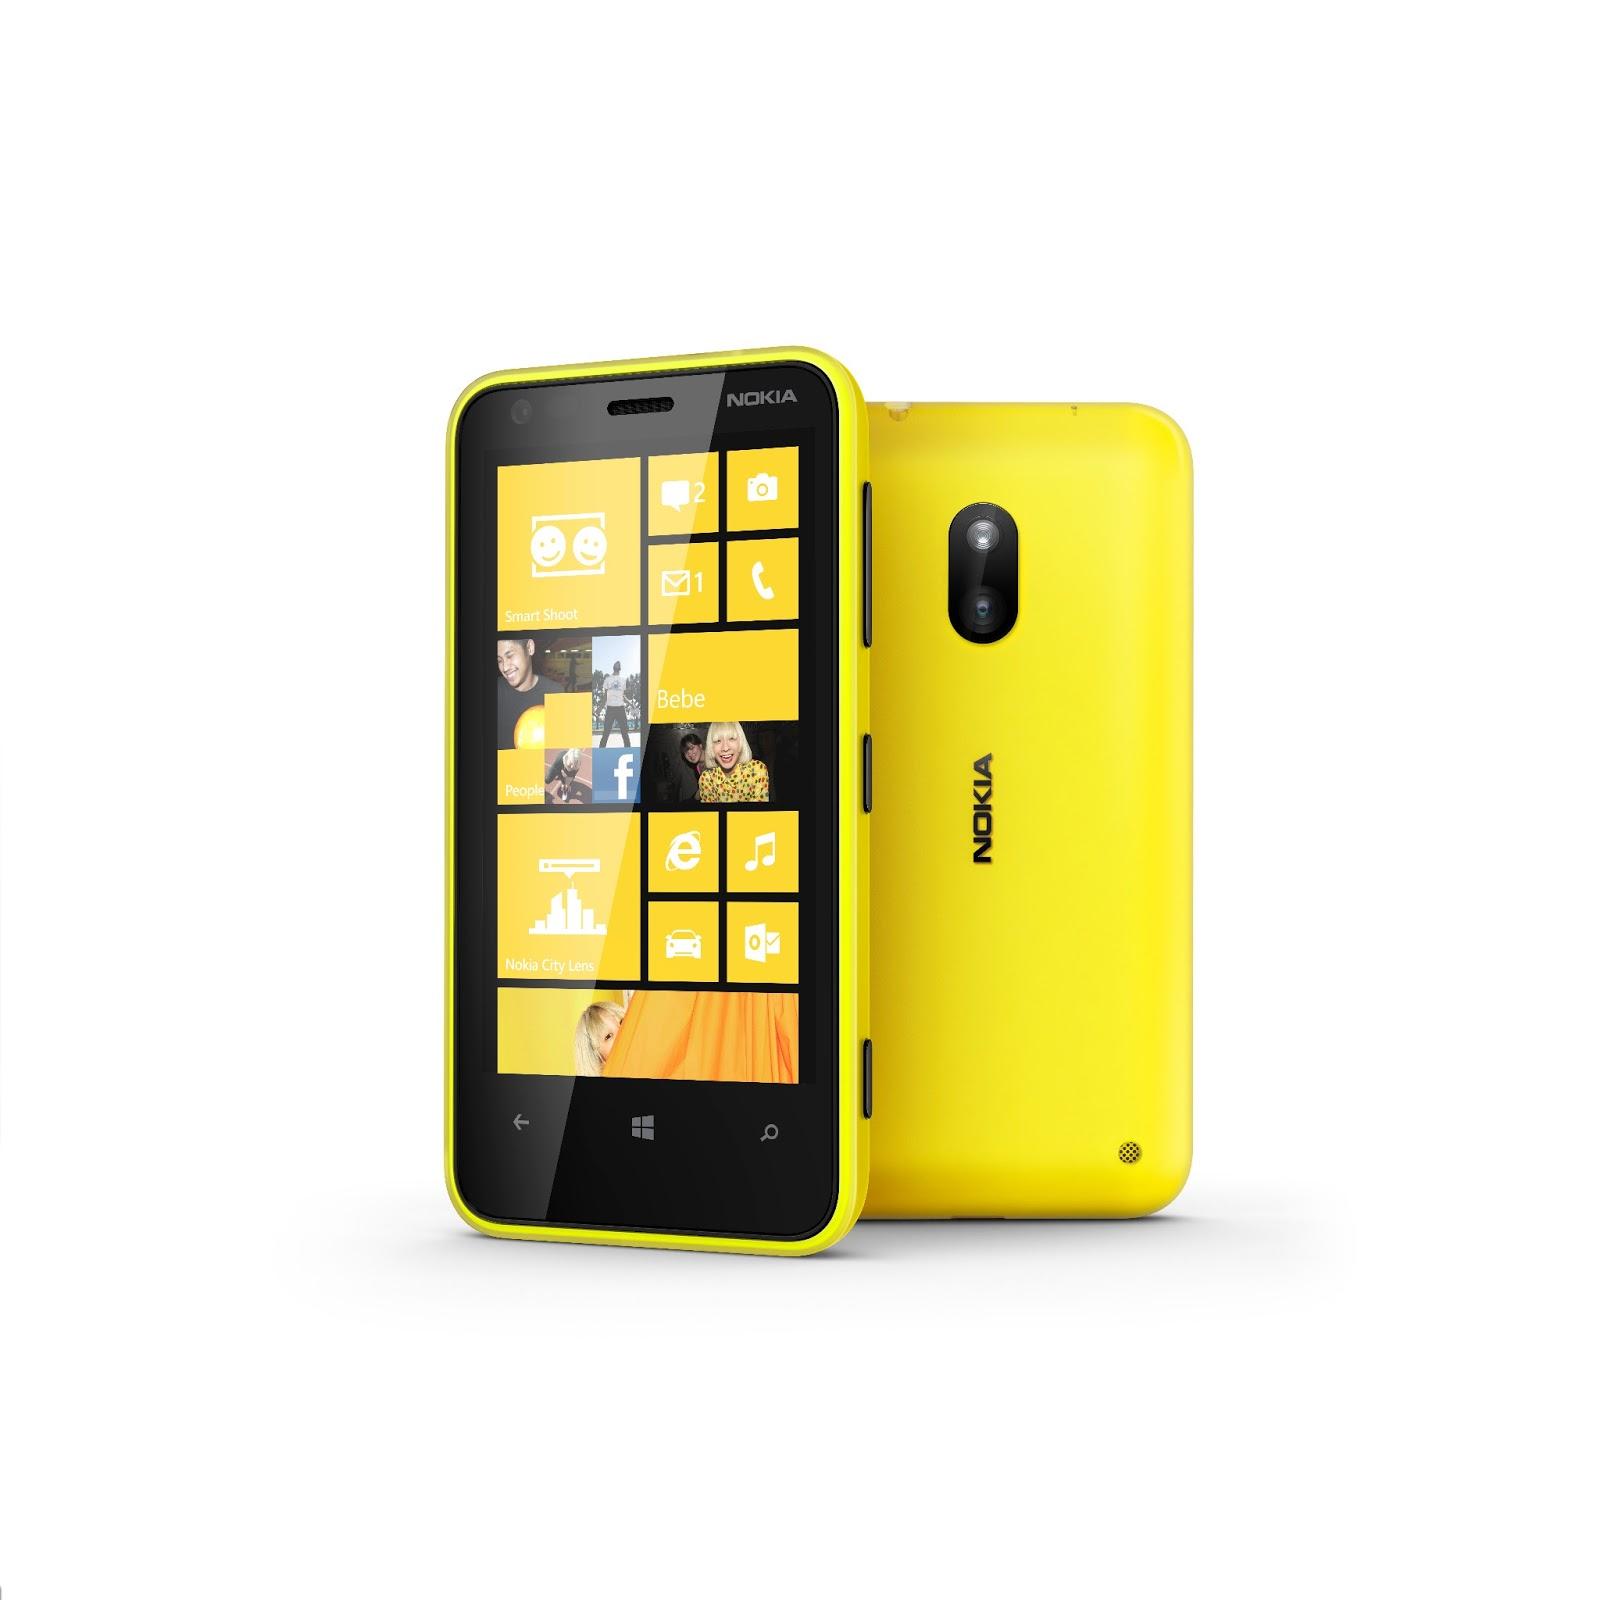 Nokia Lumia 920,820,620: Why Nokia Lumia 620 is the best!!!